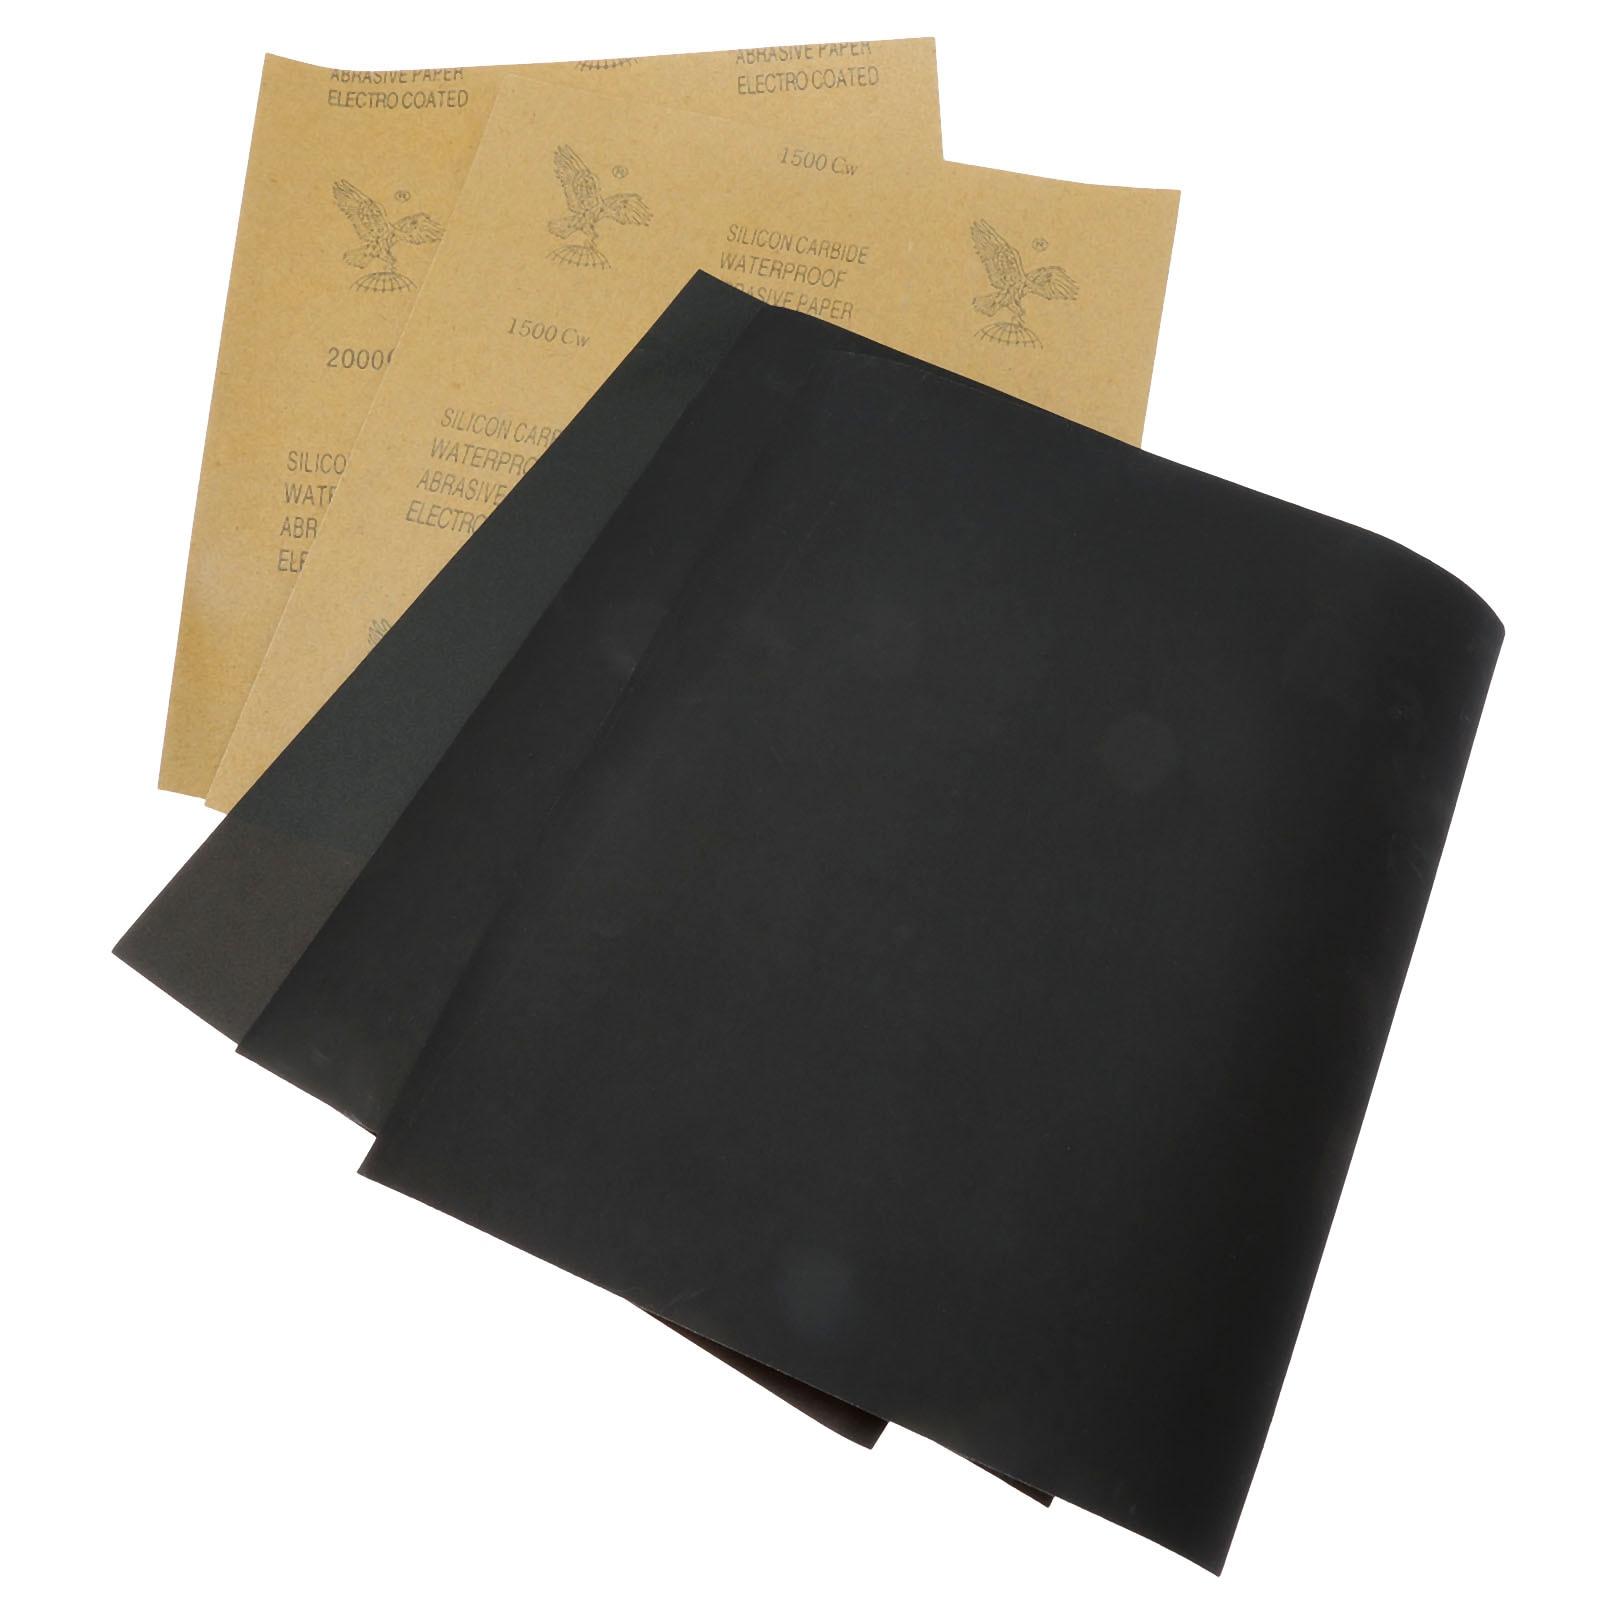 DRELD 5 lap homokpapír vízálló csiszolópapír Homokpapír - Csiszolószerszámok - Fénykép 5